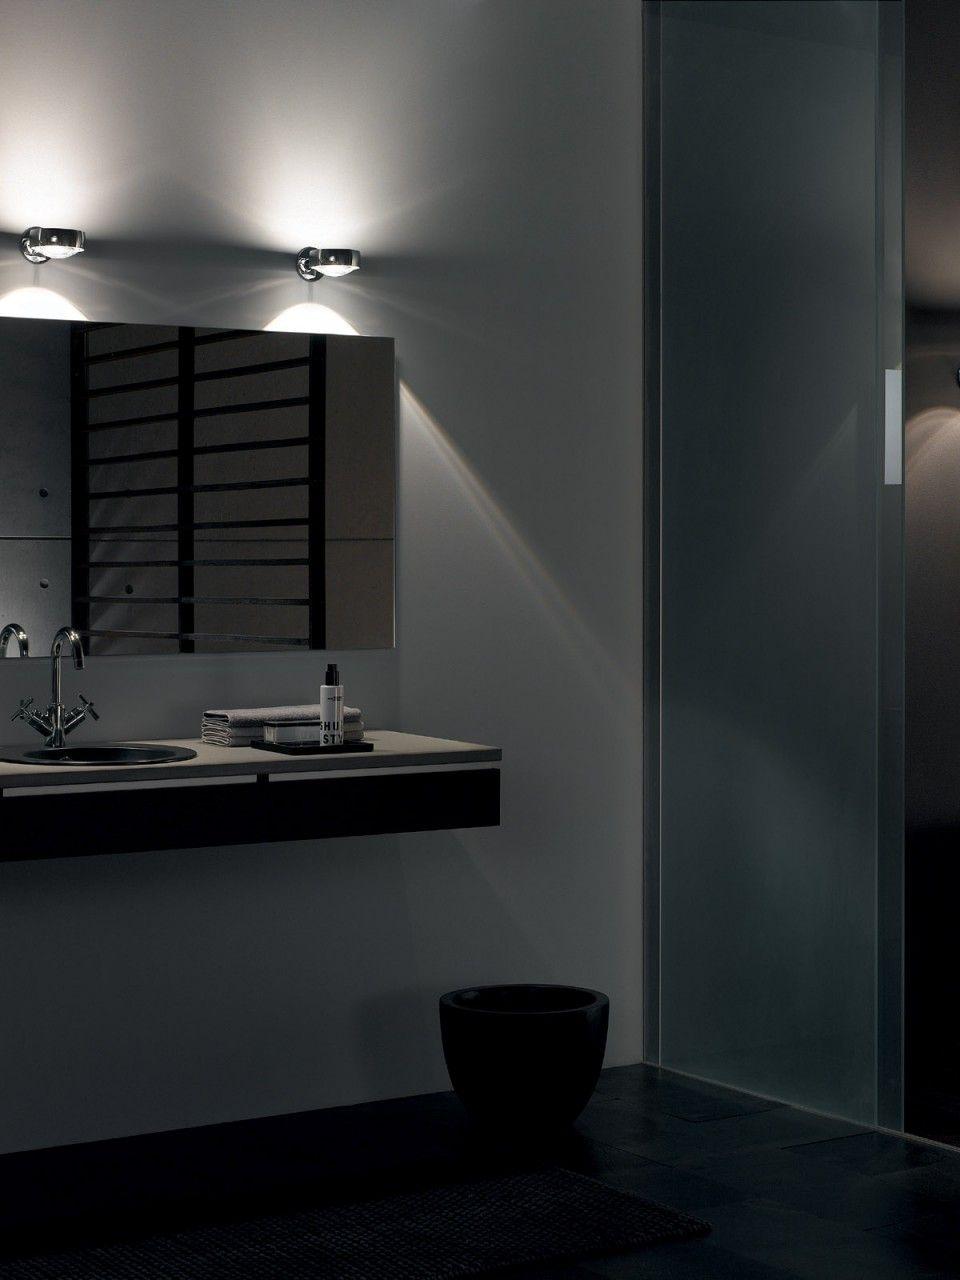 Galerie | Occhio laluce Licht&Design Chur | Bad Spiegelbeleuchtungen ...